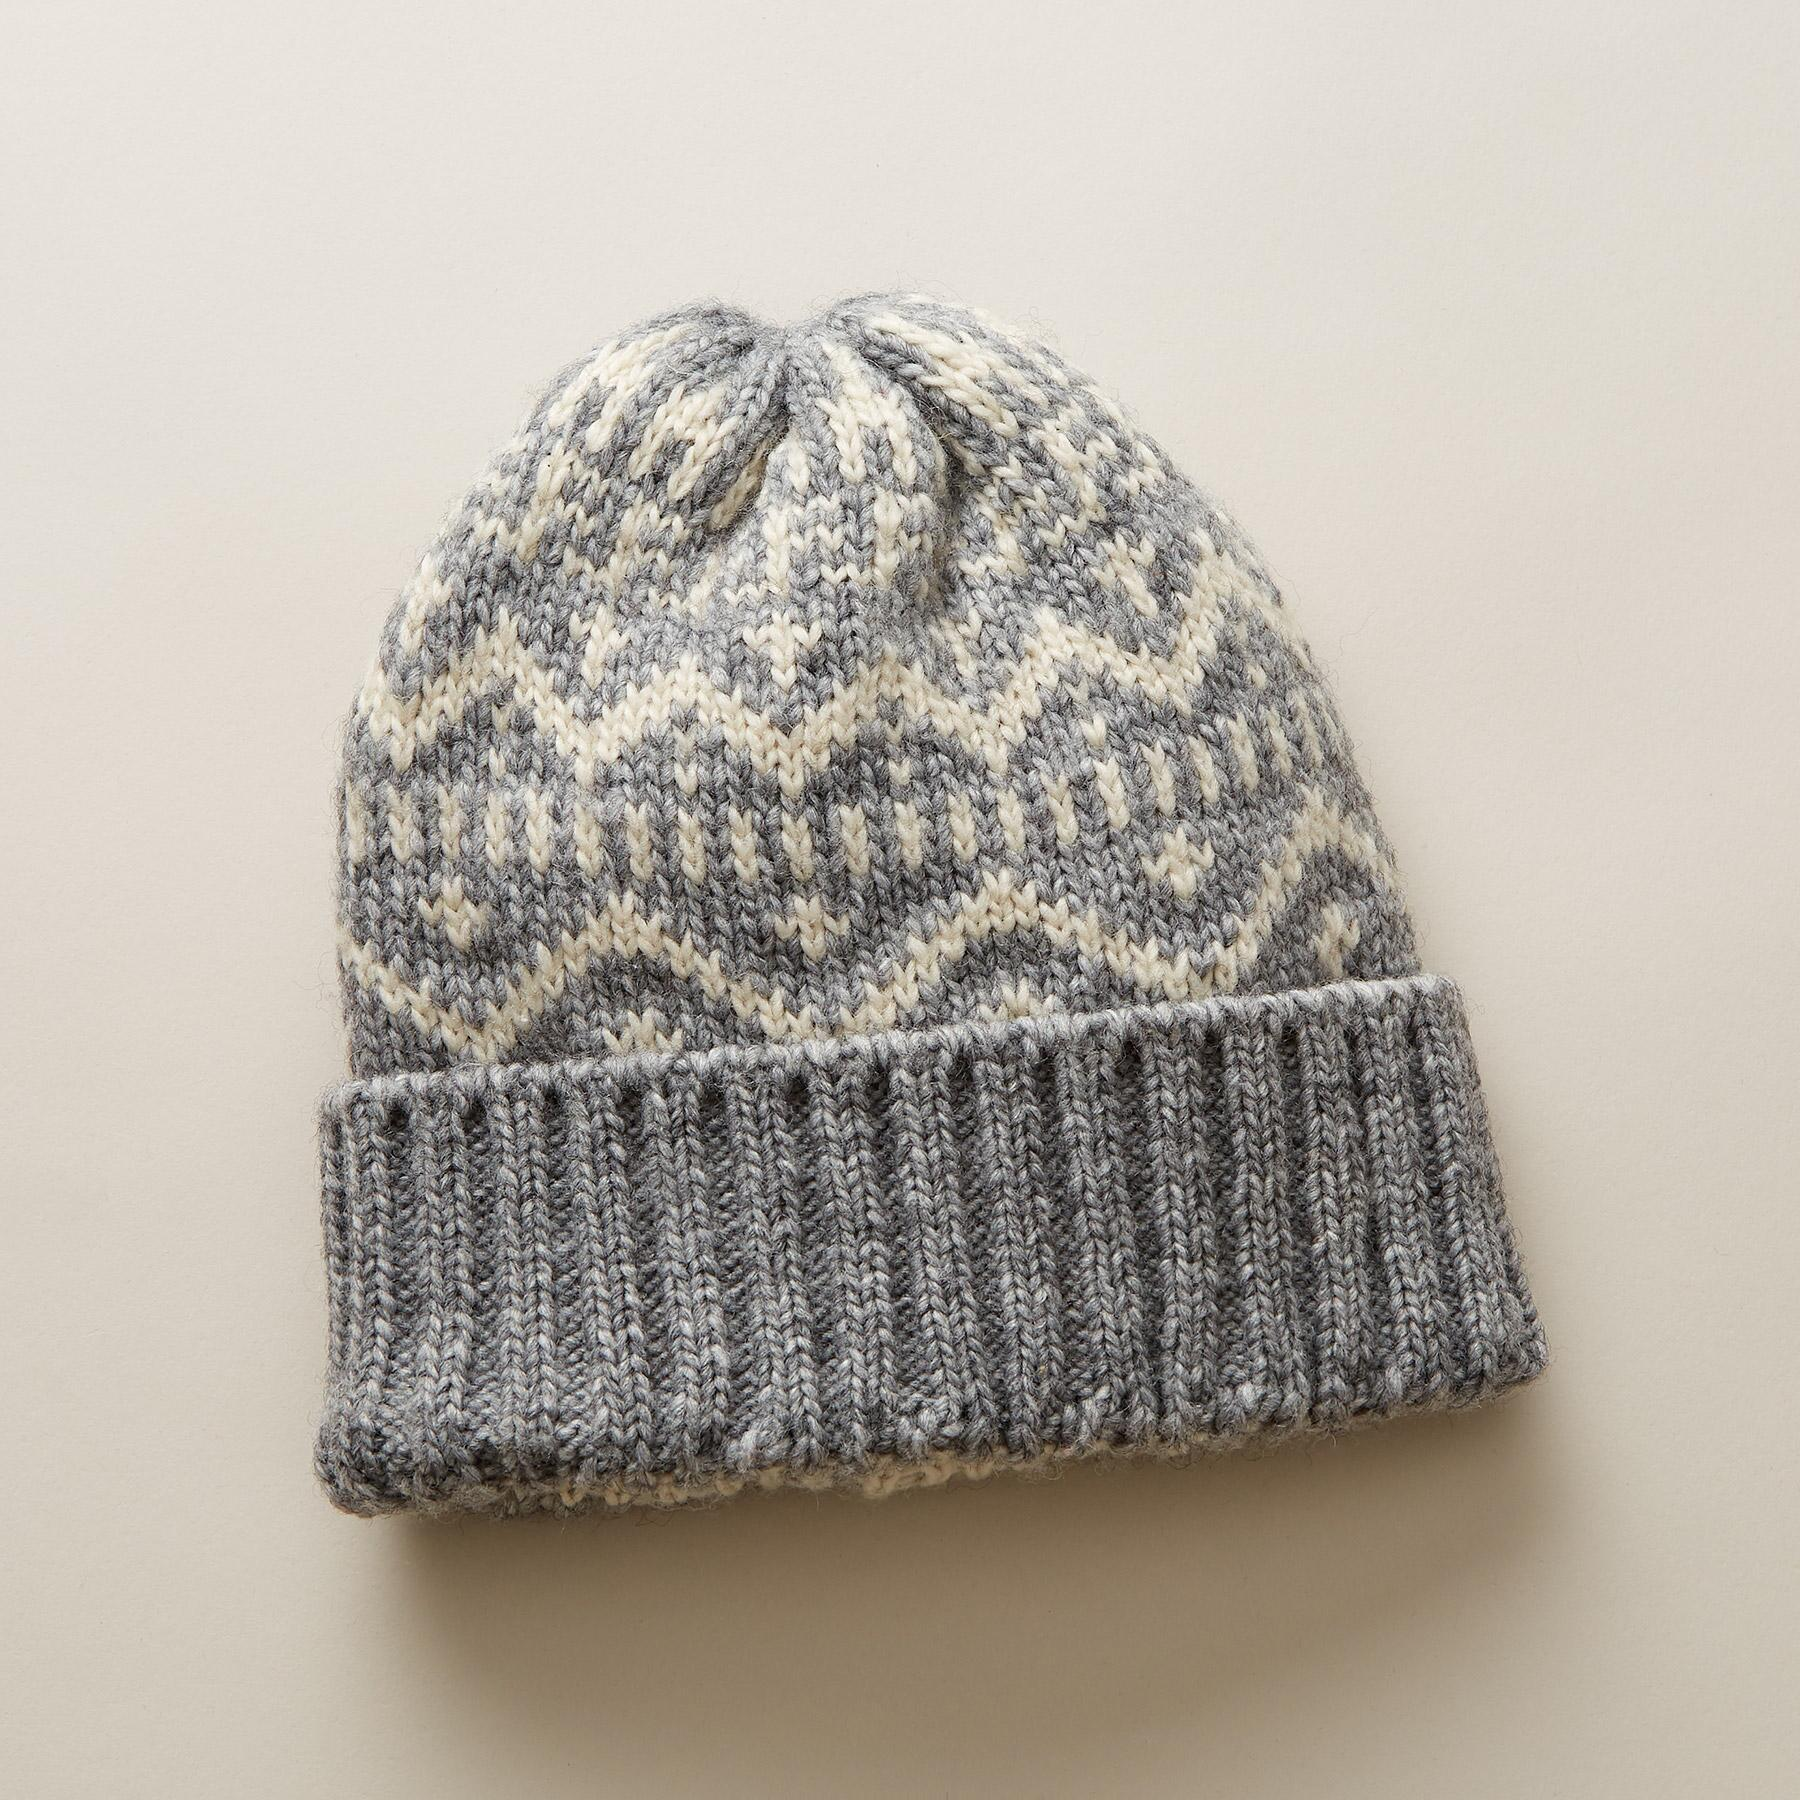 ICE & SNOW HAT: View 1